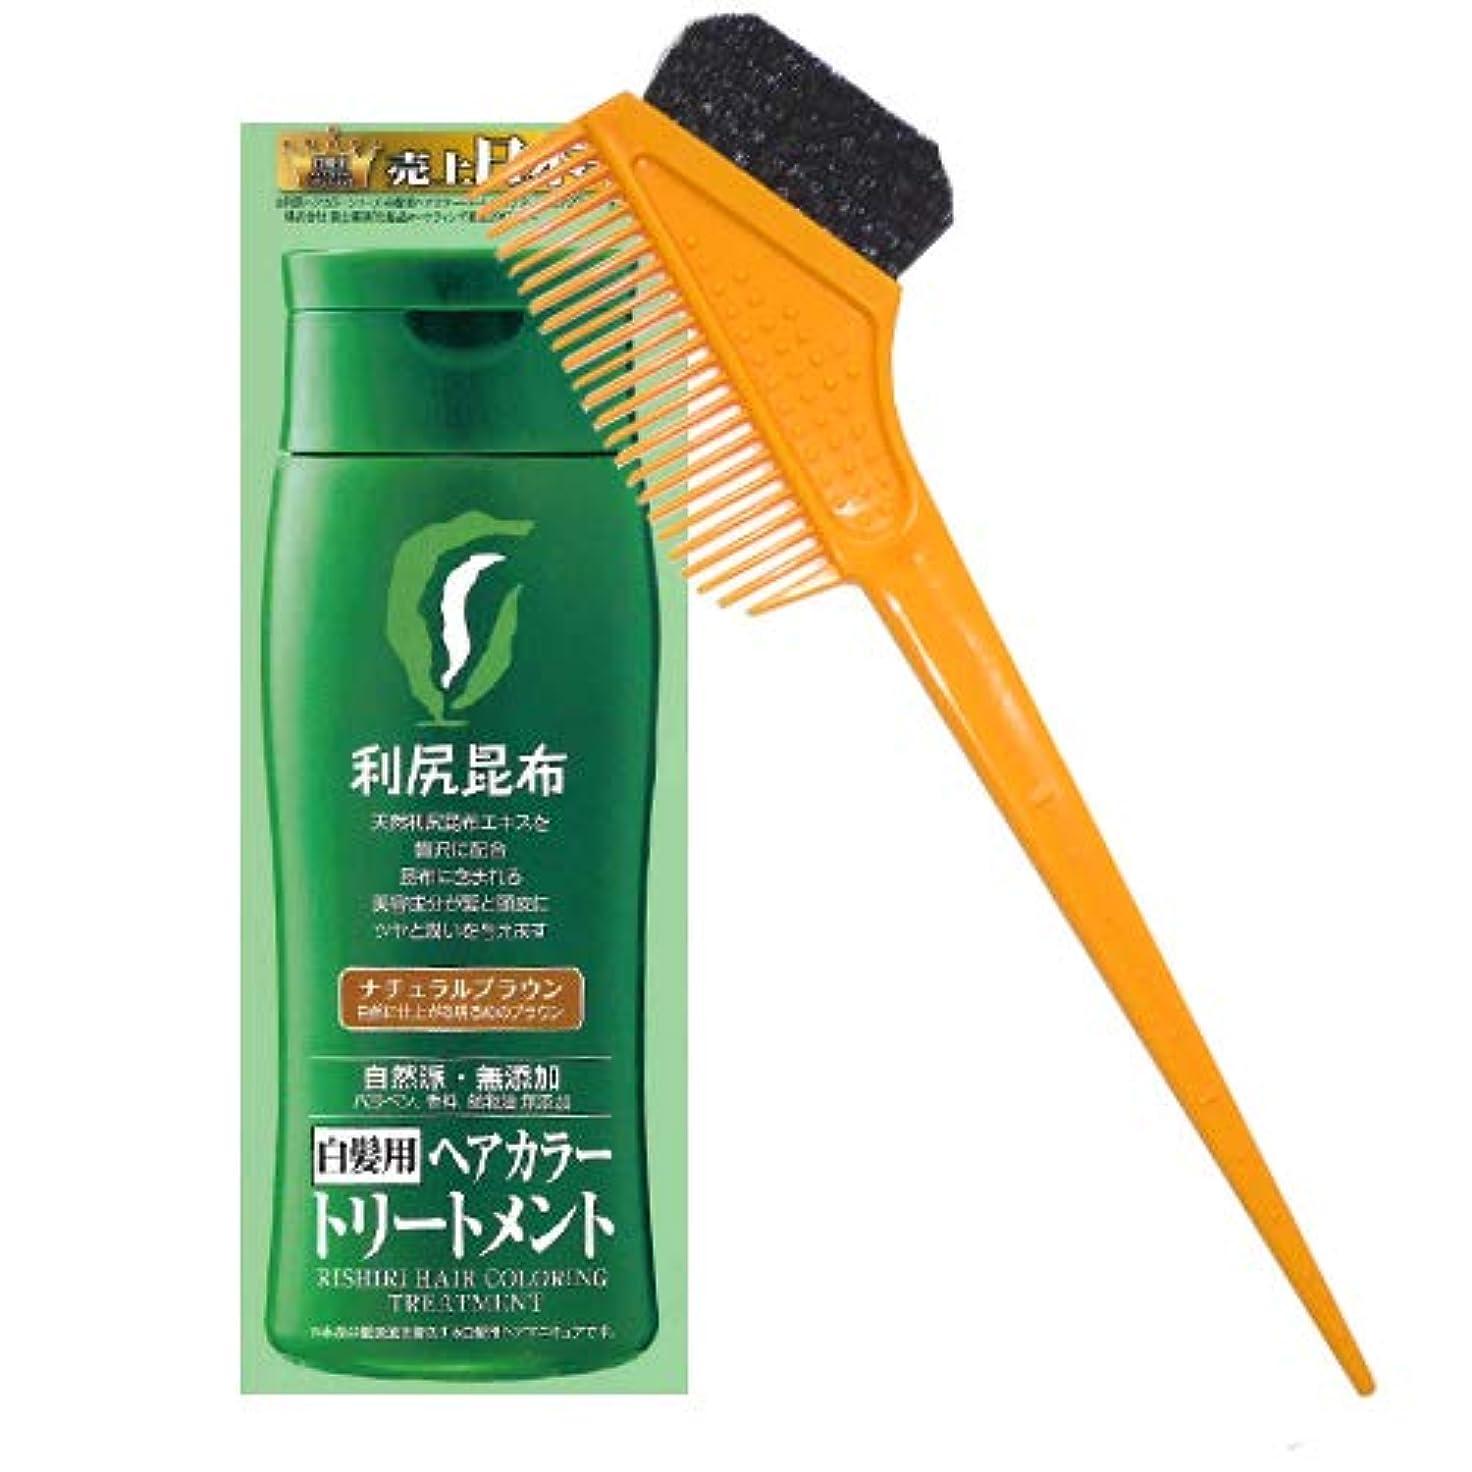 新しい意味ホイスト絞る利尻ヘアカラートリートメント白髪染め 200g×1本&毛染めブラシ1本(オレンジ)セット (ナチュラルブラウン)